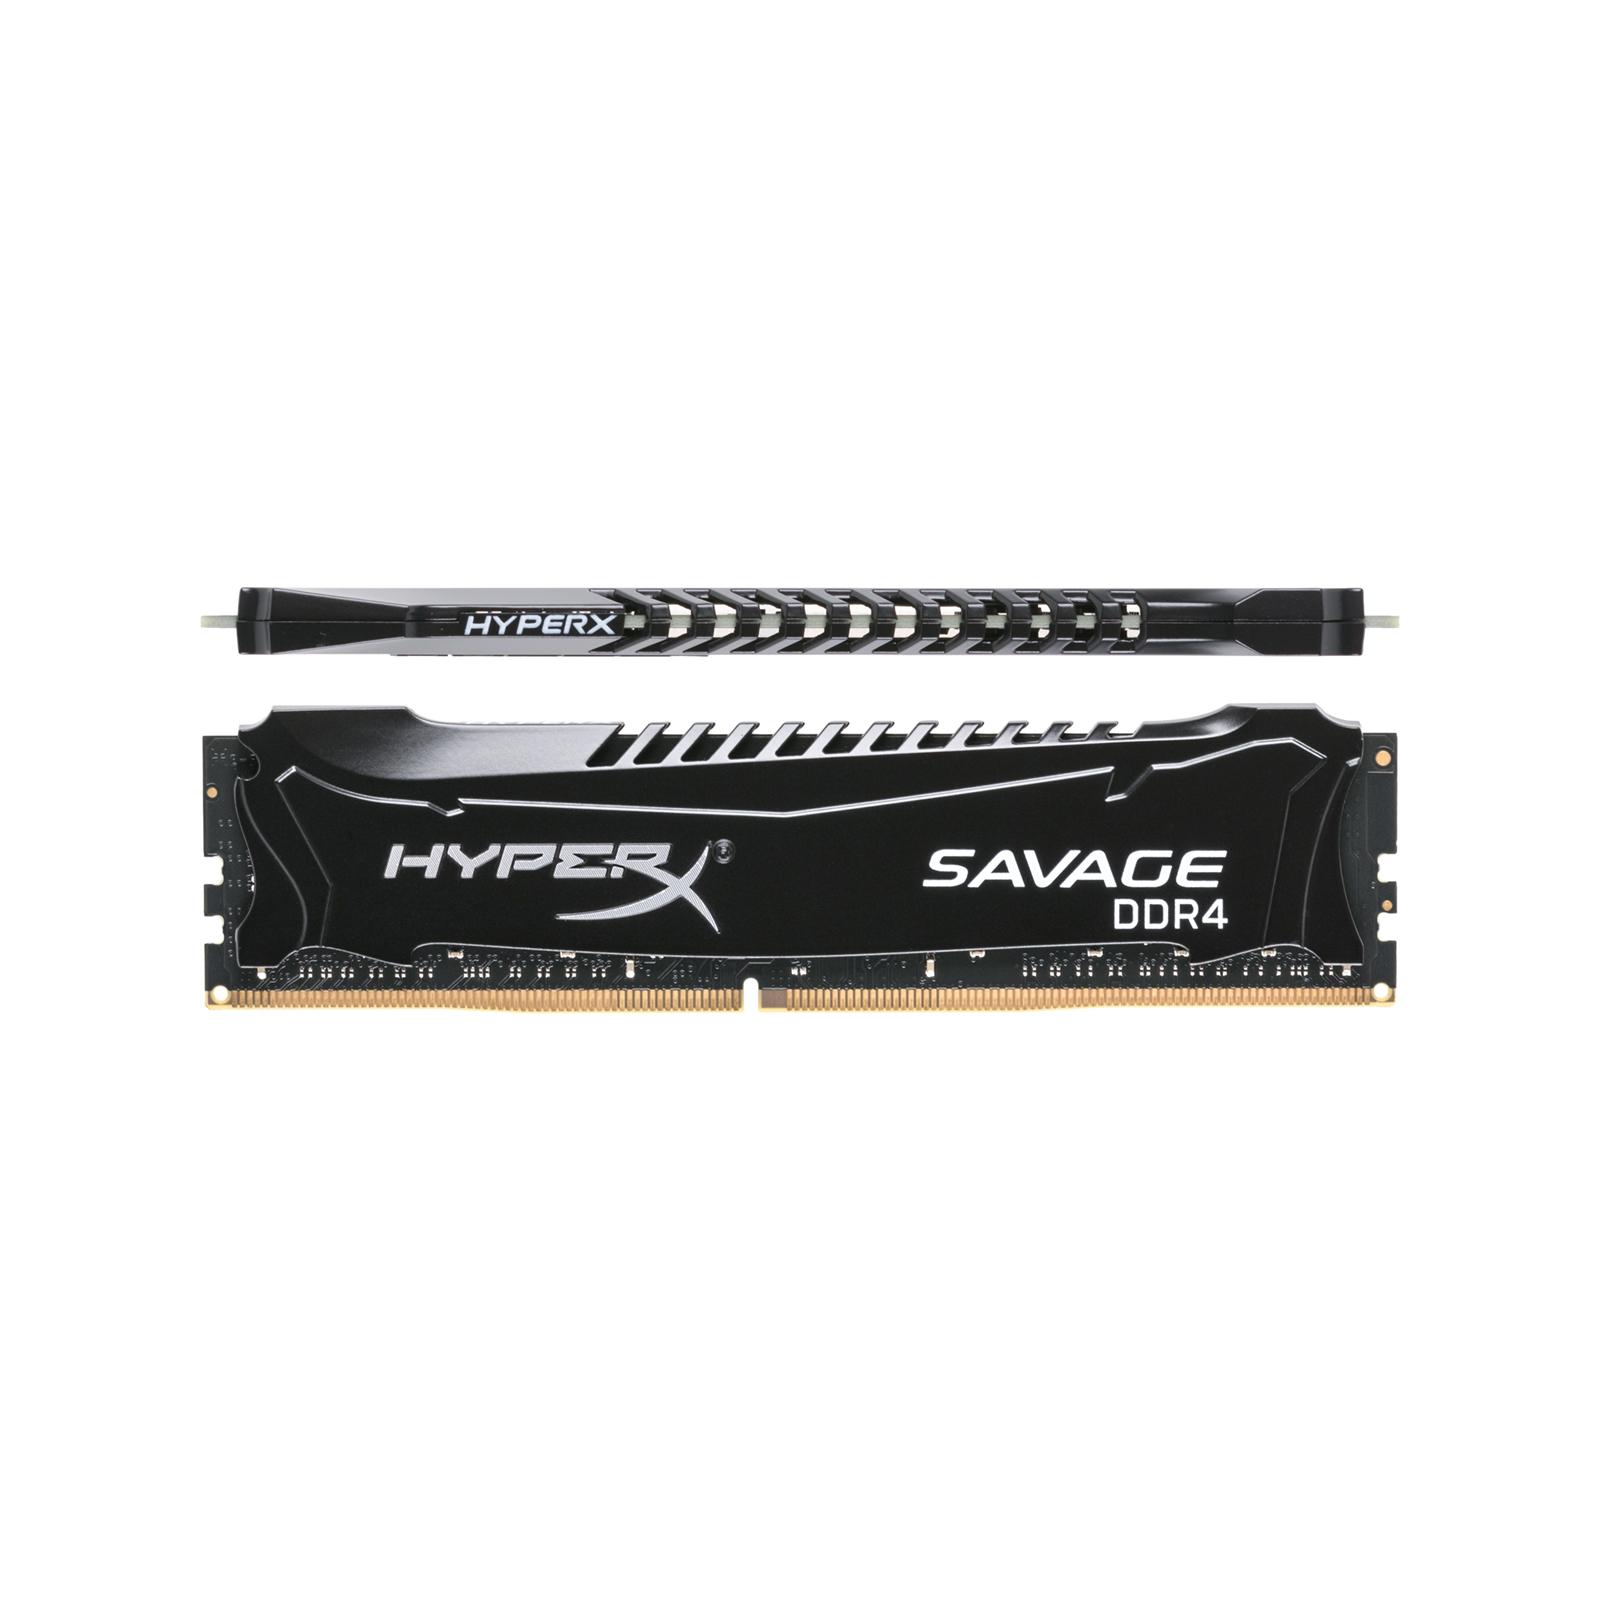 Модуль памяти для компьютера DDR4 8GB 2666 MHz HyperX Savage Black Kingston (HX426C13SB2/8) изображение 4